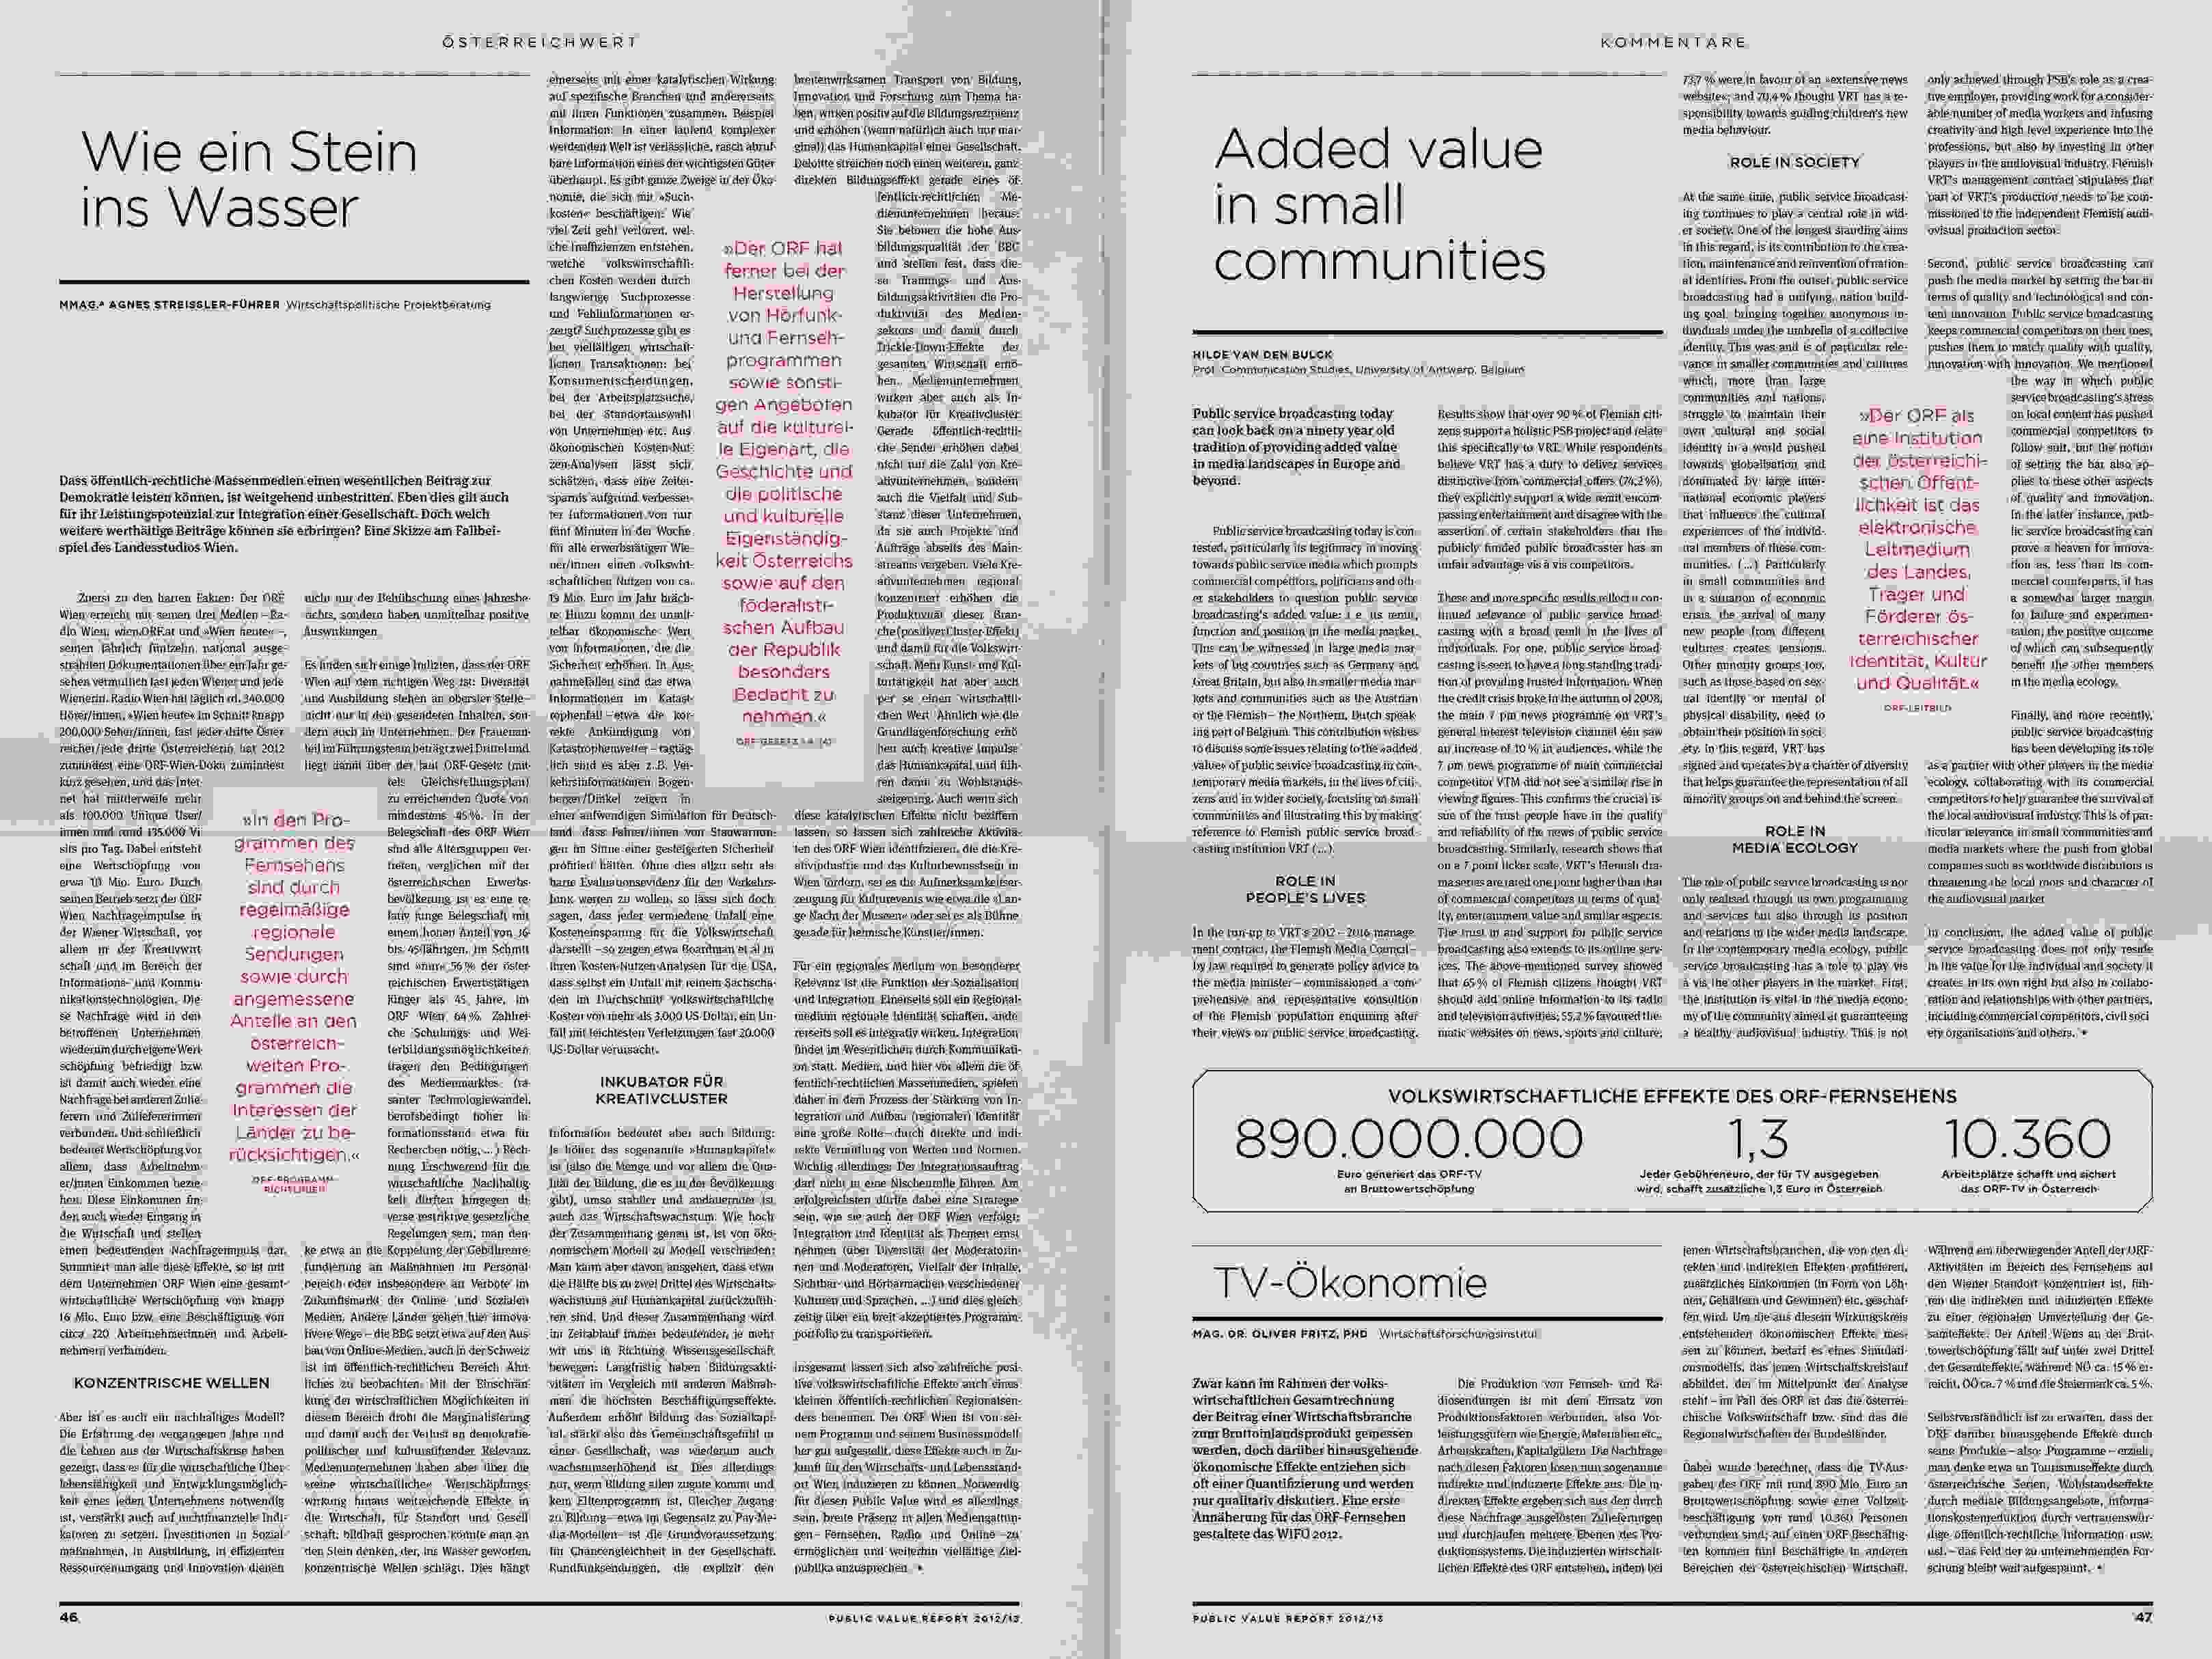 ORF PV 13 flat Dummy Zeitung Doppelseite 15